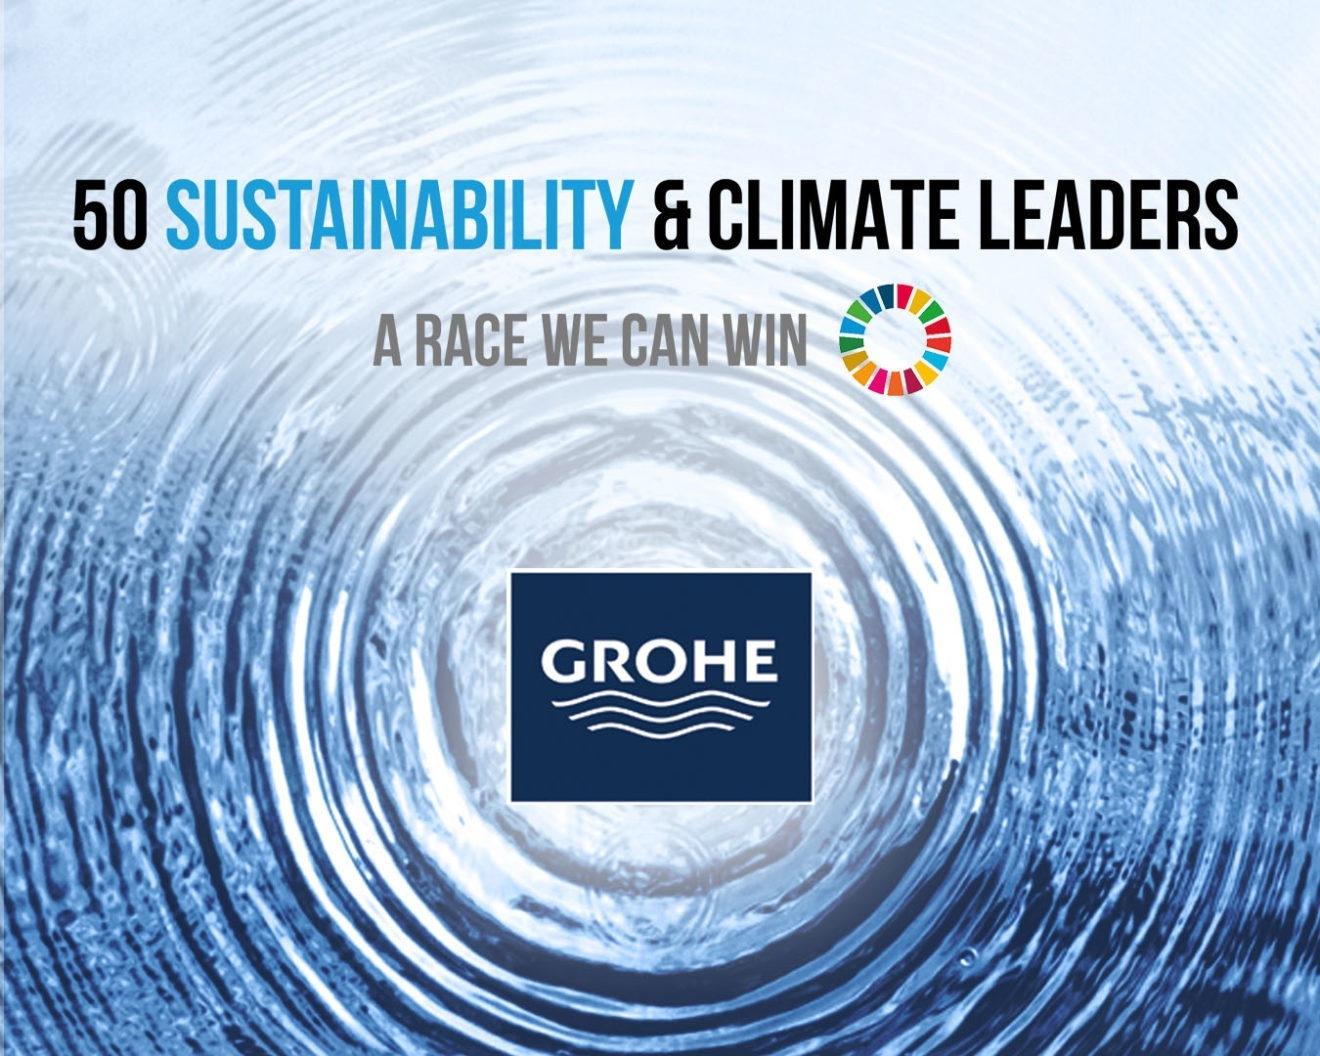 GROHE — один из 50 лидеров в области устойчивого развития и климата в мире